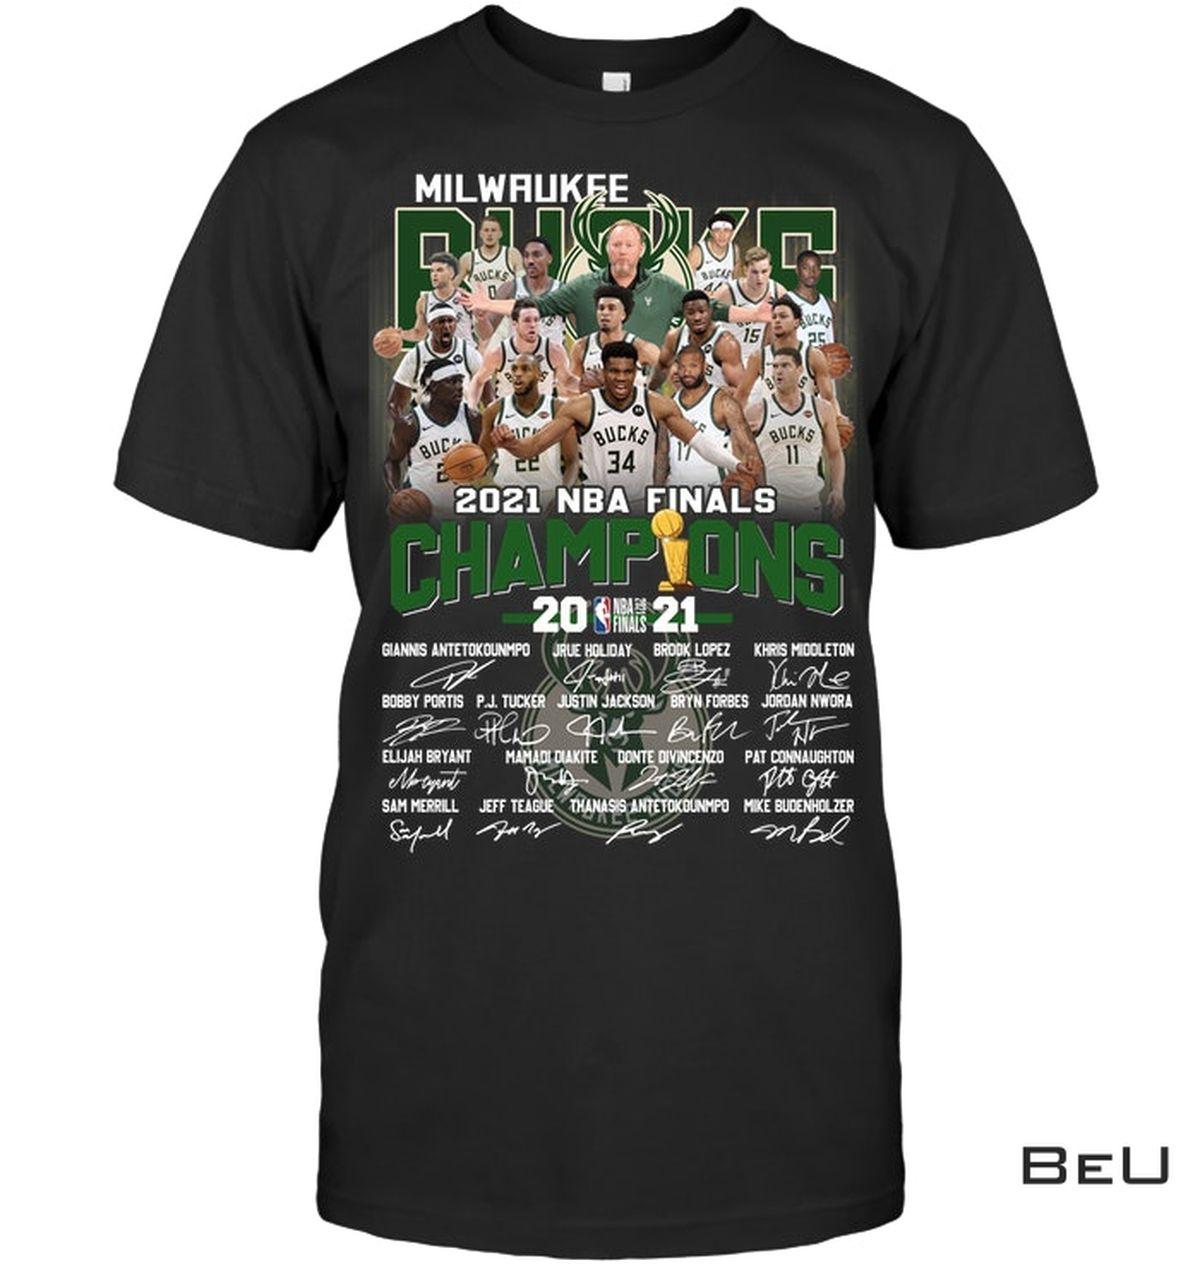 Milwaukee Brewers 2021 Nba Final Champion Shirt